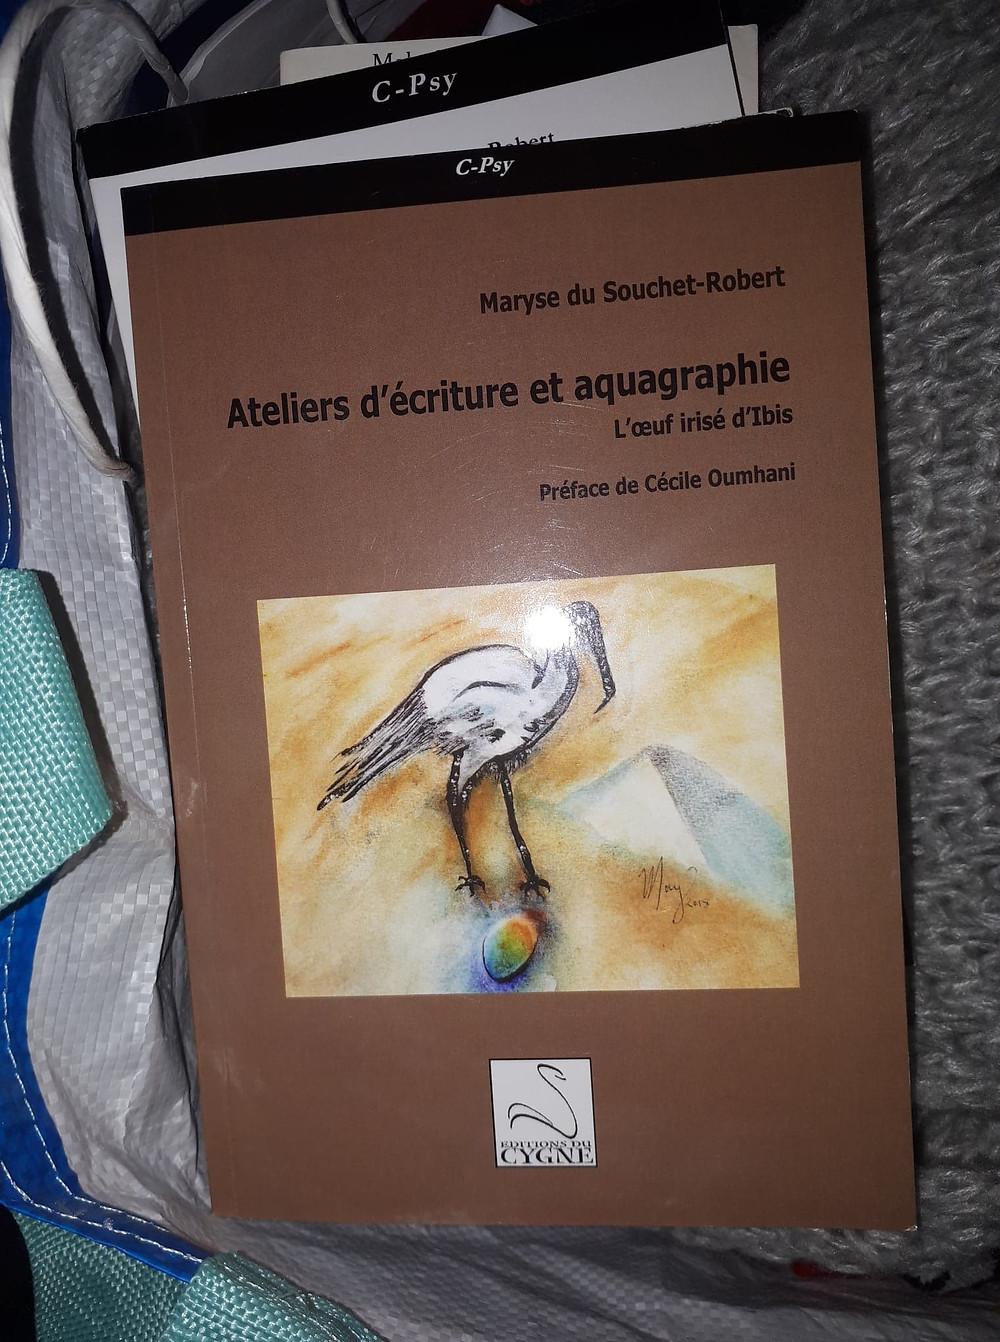 Ateliers d'écriture et aquagraphie Maryse du Souchet-Robert